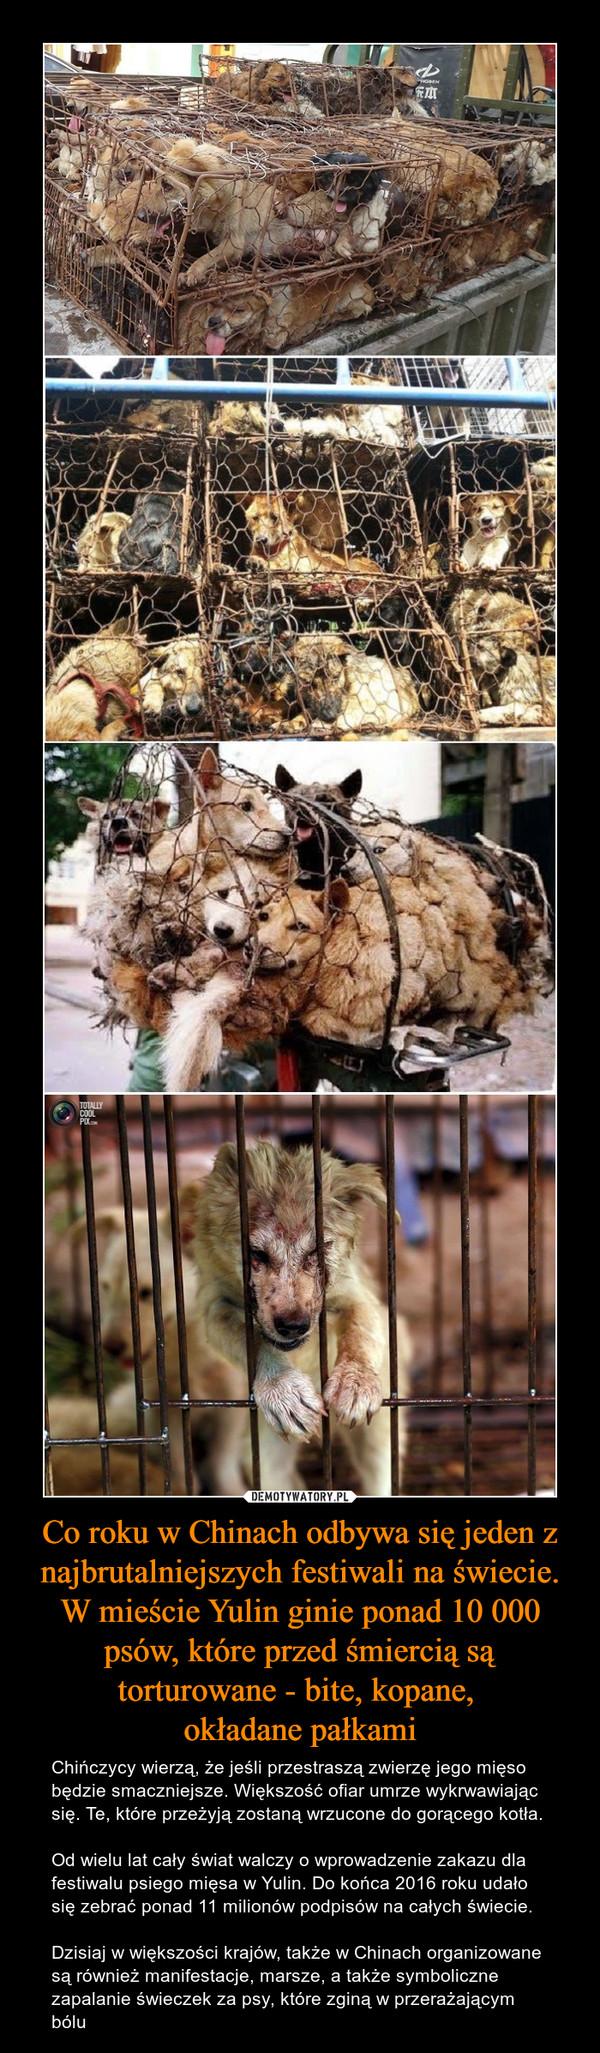 Co roku w Chinach odbywa się jeden z najbrutalniejszych festiwali na świecie. W mieście Yulin ginie ponad 10 000 psów, które przed śmiercią są torturowane - bite, kopane, okładane pałkami – Chińczycy wierzą, że jeśli przestraszą zwierzę jego mięso będzie smaczniejsze. Większość ofiar umrze wykrwawiając się. Te, które przeżyją zostaną wrzucone do gorącego kotła.Od wielu lat cały świat walczy o wprowadzenie zakazu dla festiwalu psiego mięsa w Yulin. Do końca 2016 roku udało się zebrać ponad 11 milionów podpisów na całych świecie. Dzisiaj w większości krajów, także w Chinach organizowane są również manifestacje, marsze, a także symboliczne zapalanie świeczek za psy, które zginą w przerażającym bólu